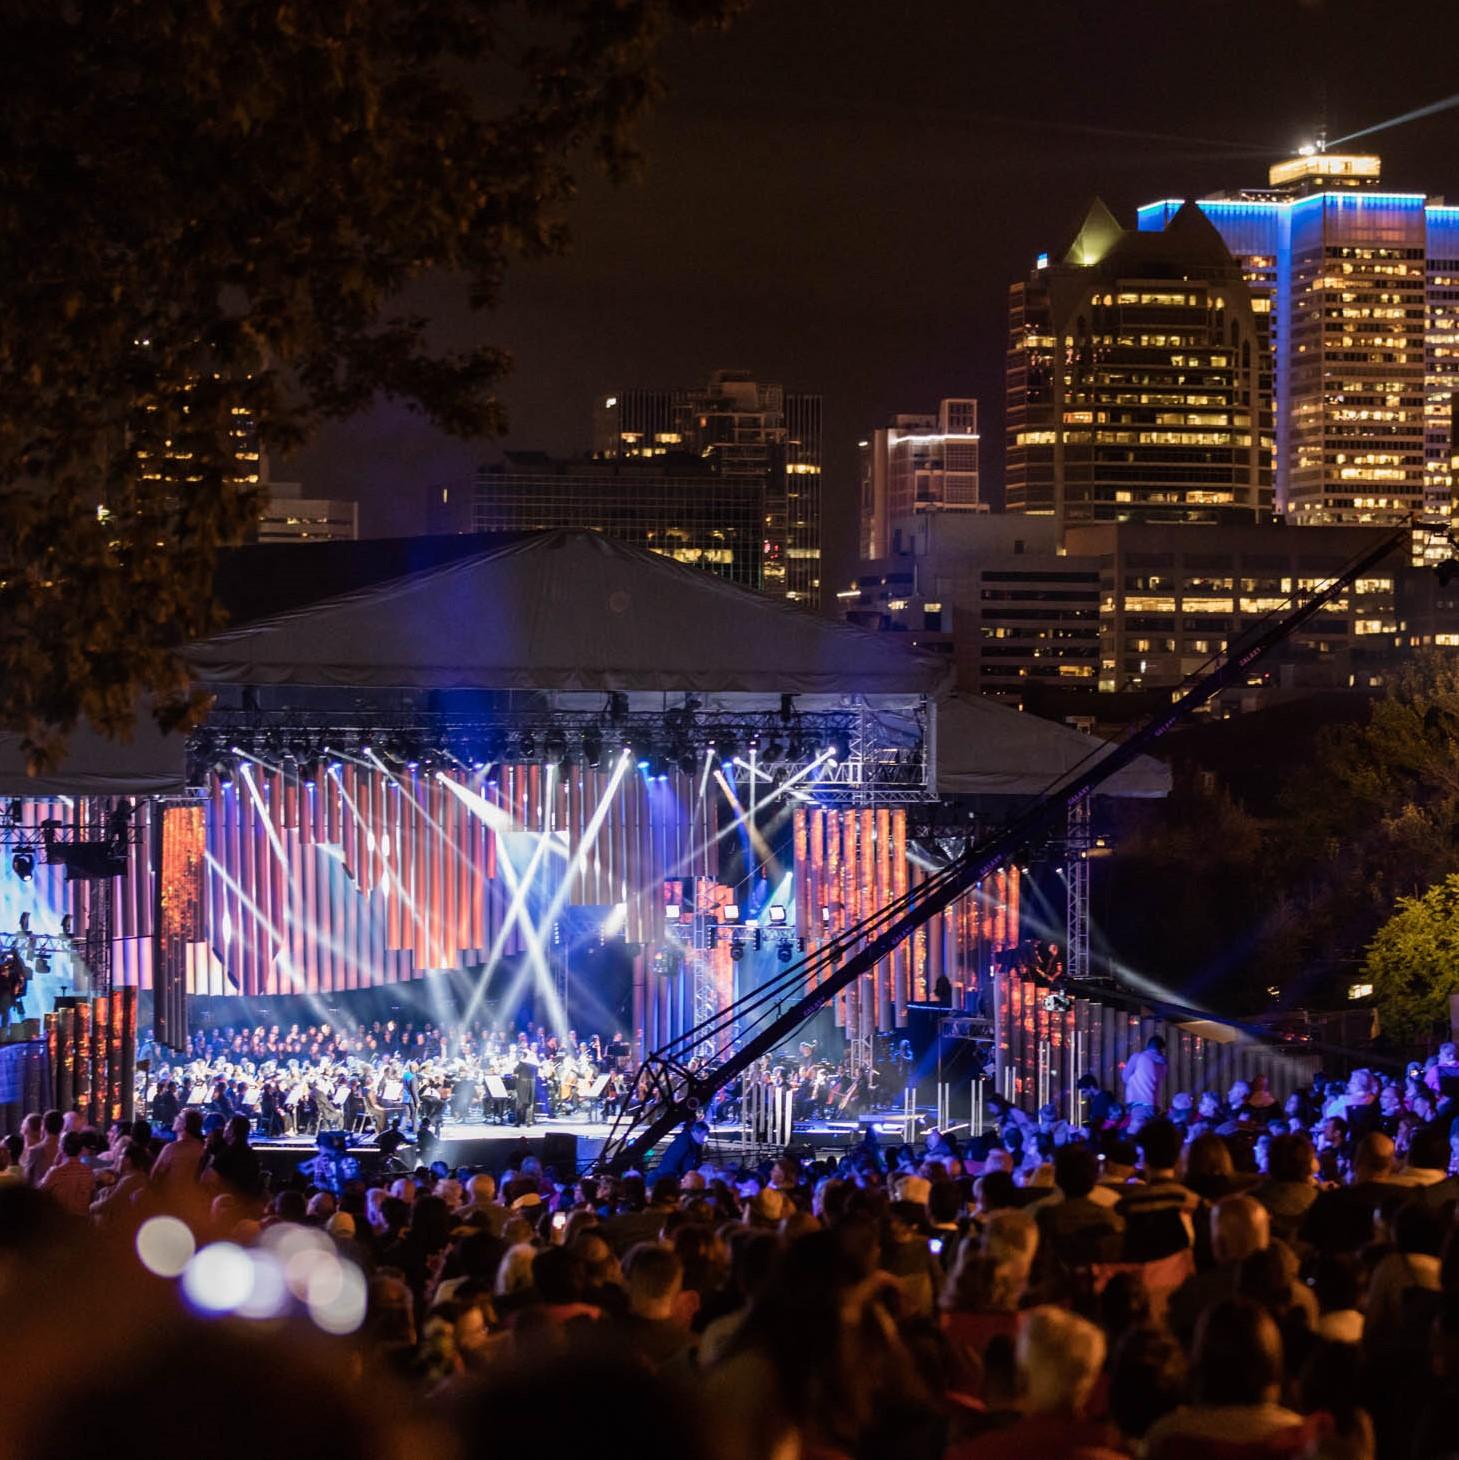 Montréal Symphonique sur les flancs du Mont-Royal : Grandiose!